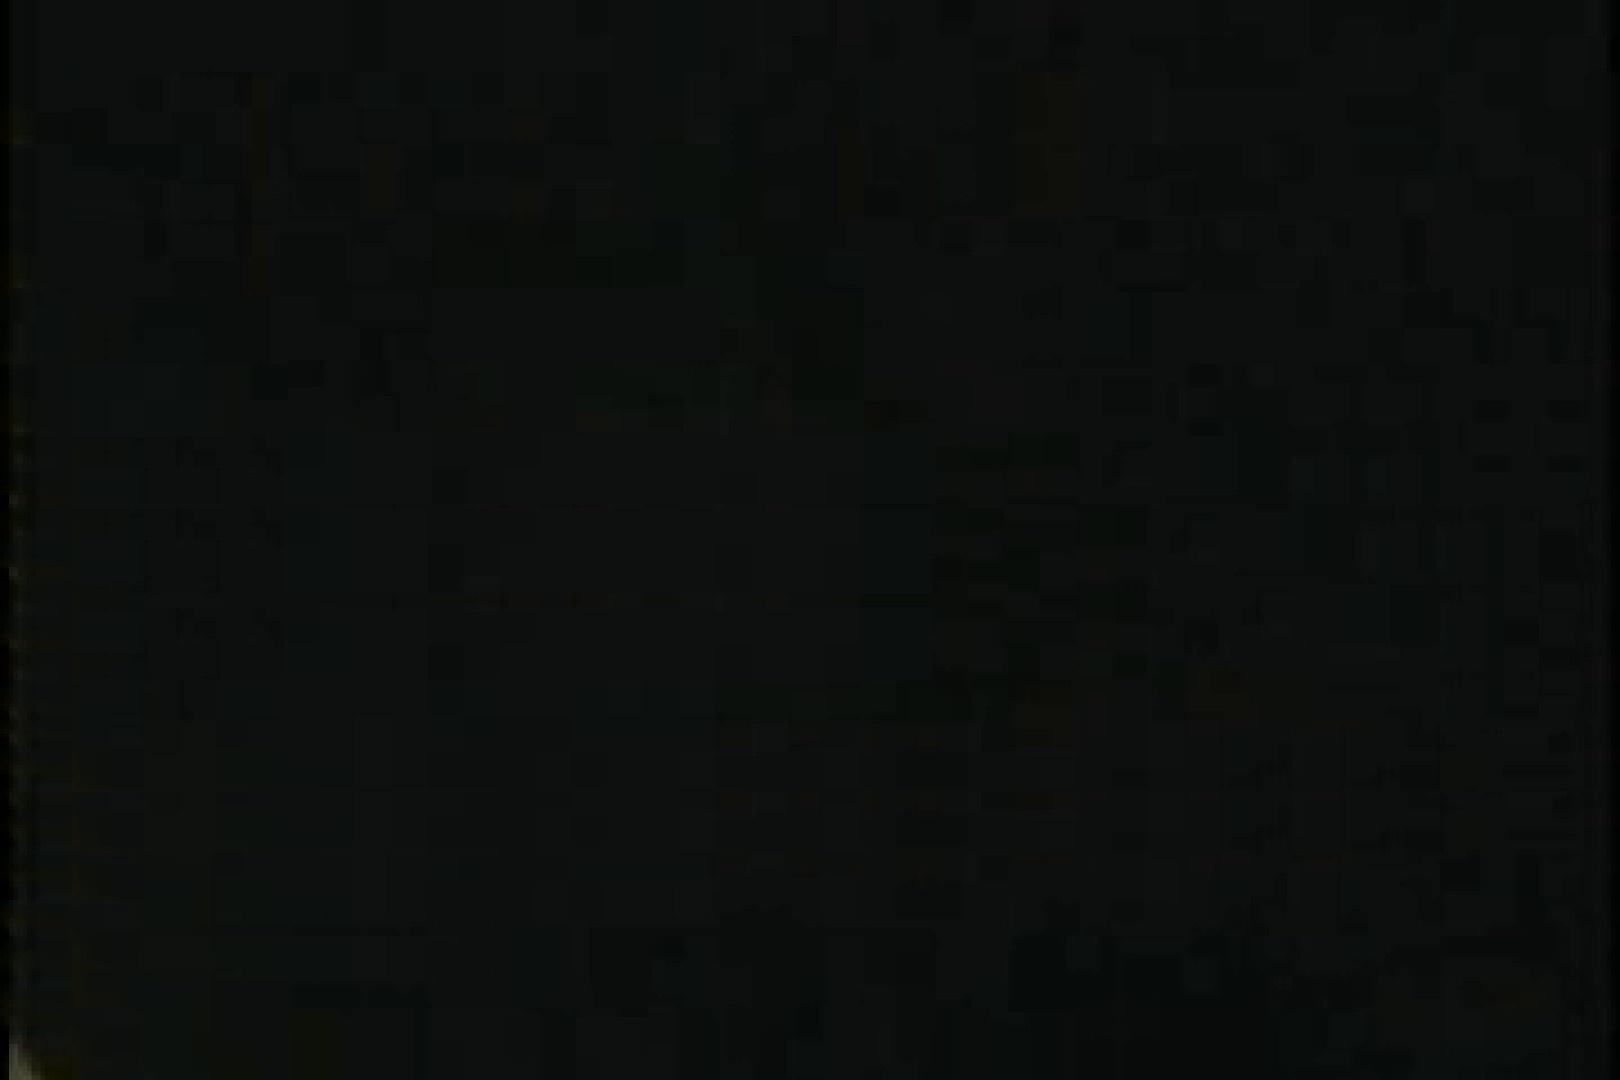 陰間茶屋 男児祭り VOL.3 ゲイの裸  81枚 78